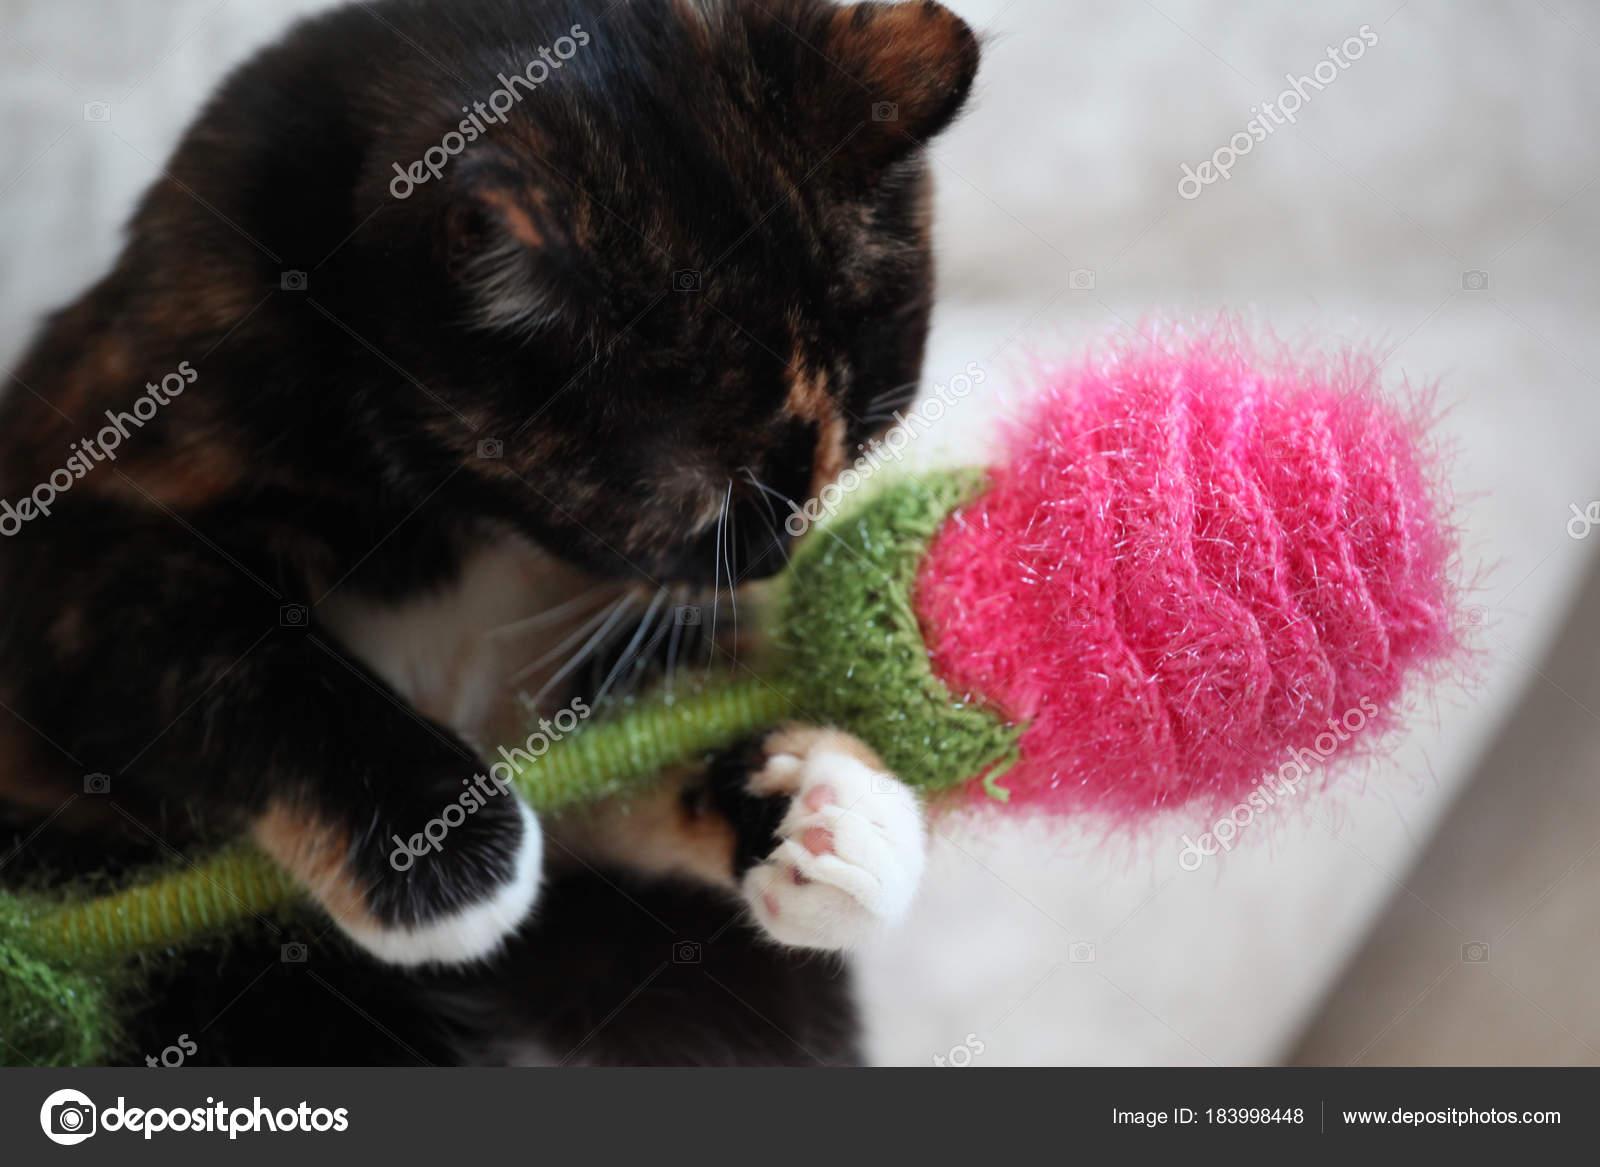 Katze Blume Wolle Spielen Wohngebäude — Stockfoto © GORLOV #183998448